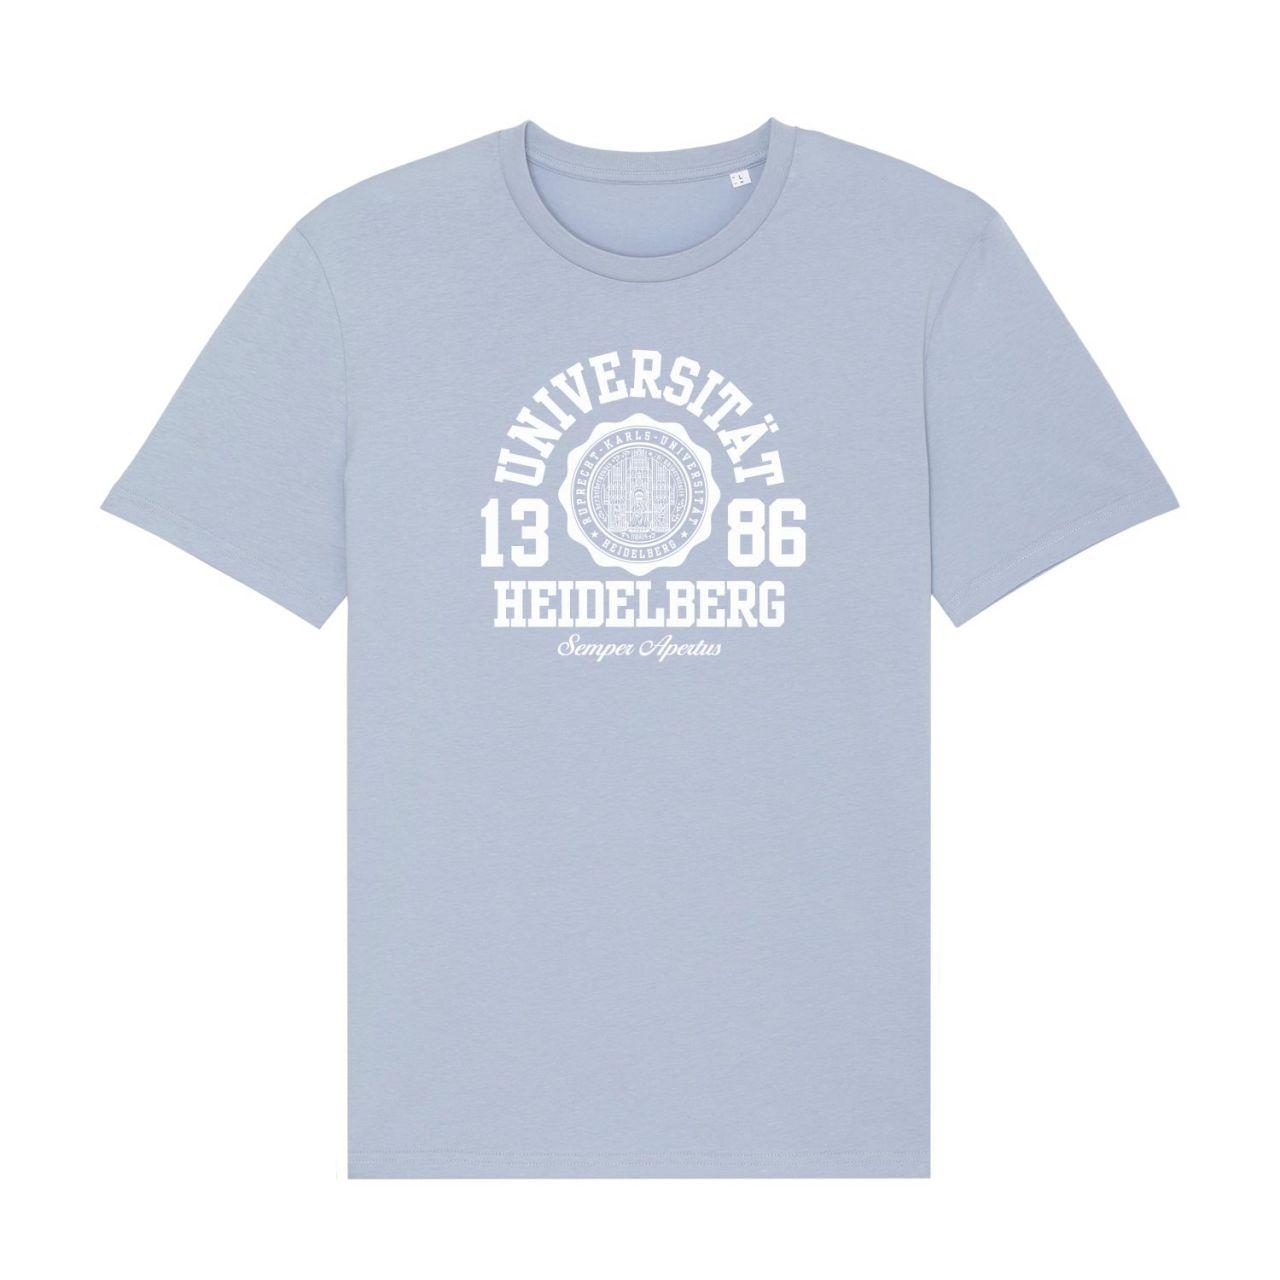 Herren Organic T-Shirt, serene blue, marshall